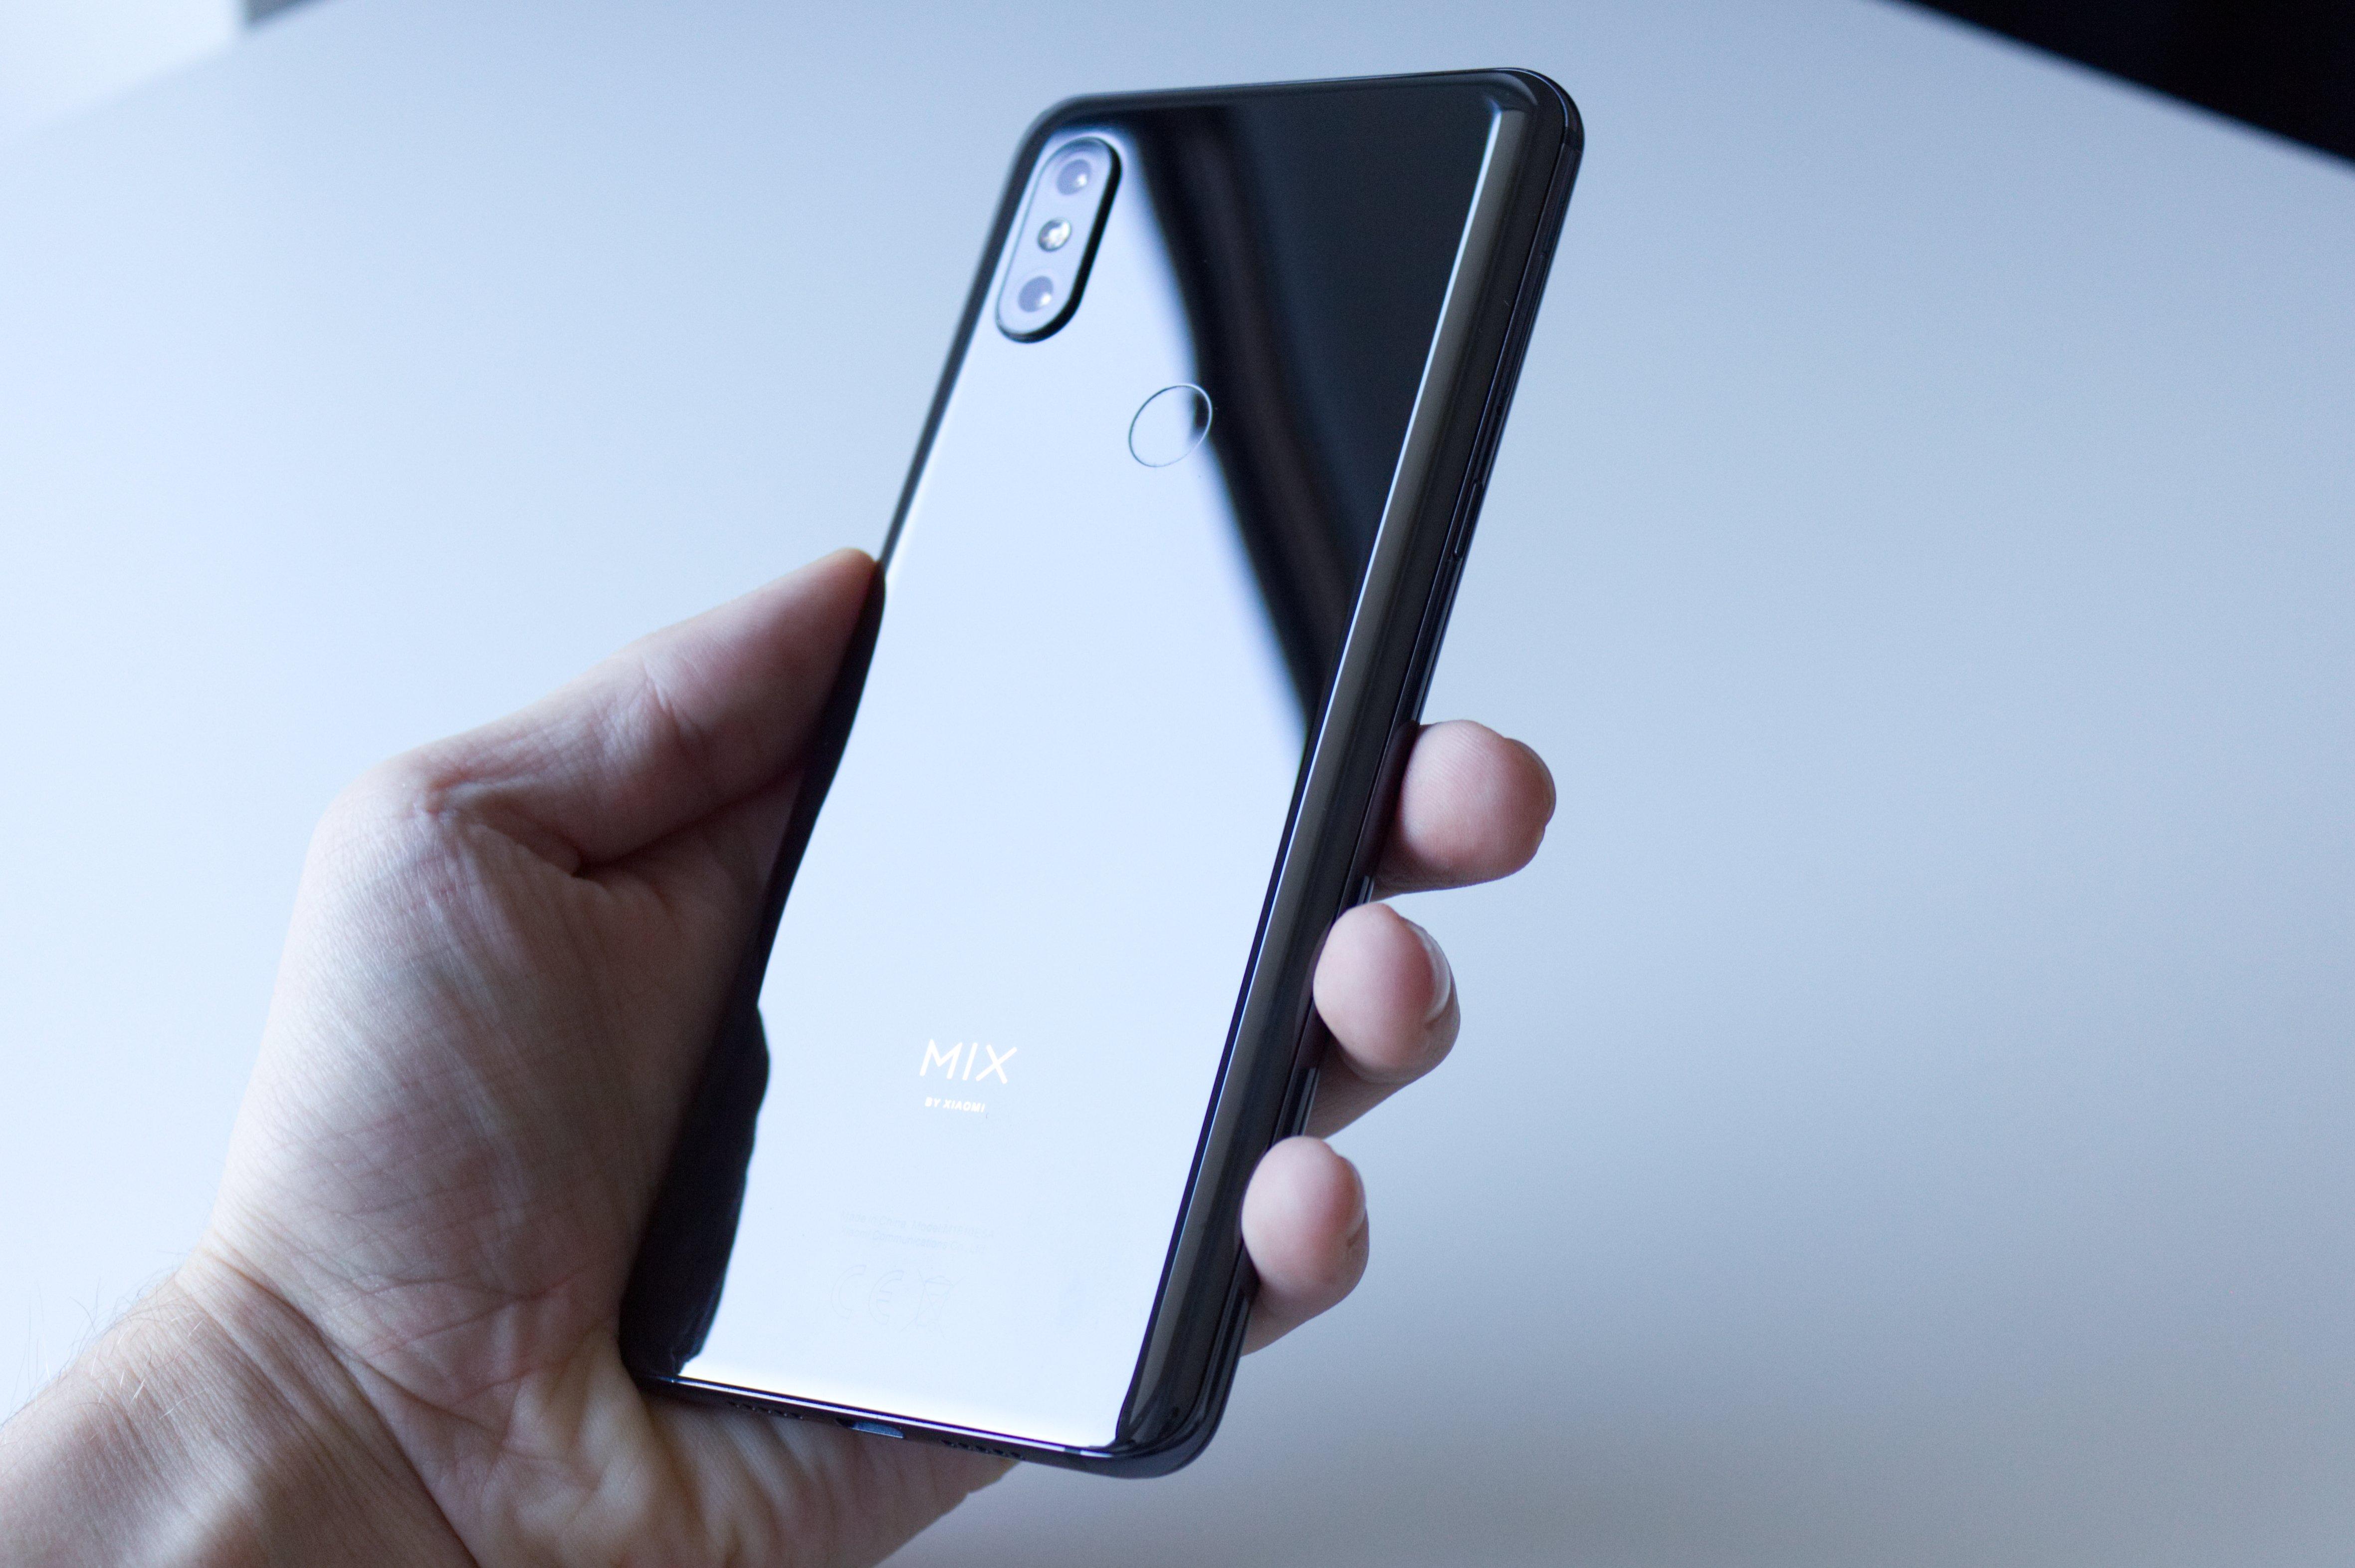 Już nie 48 Mpix, a 64 Mpix. I to w smartfonie od Xiaomi - Mi Mix 4 22